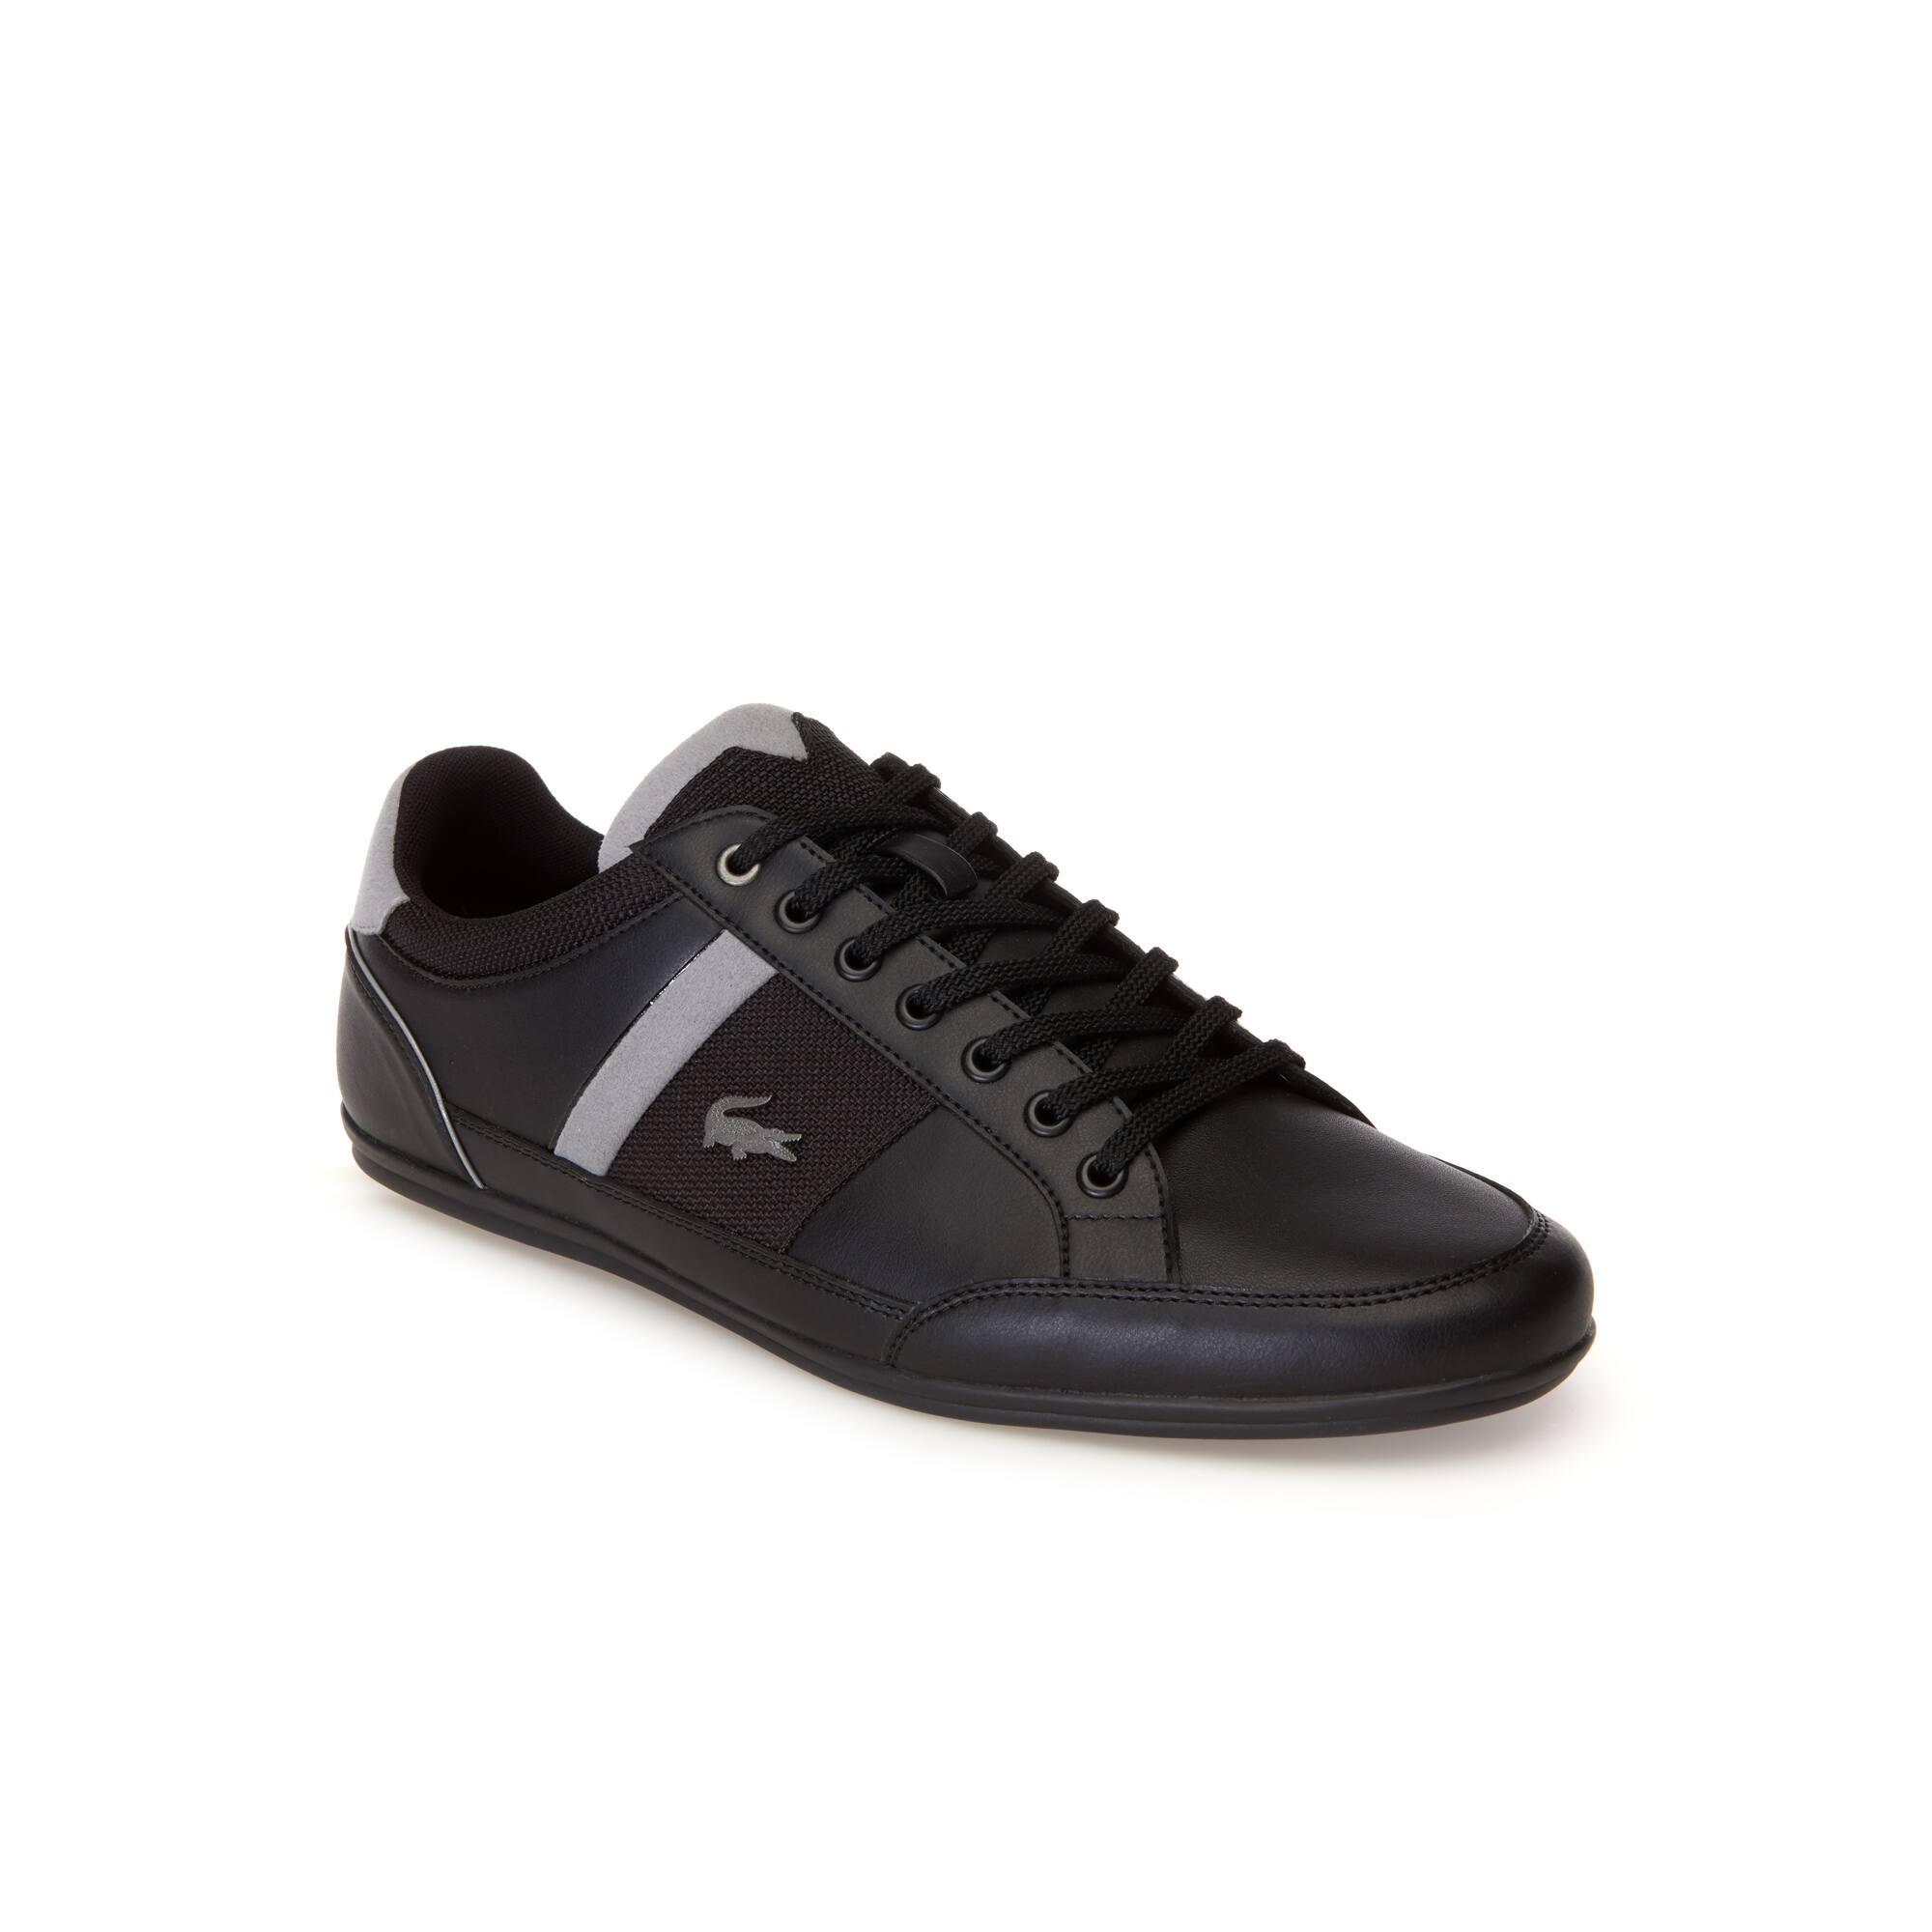 حذاء Chaymon الشبكي من جلد النابا الرياضي للرجال